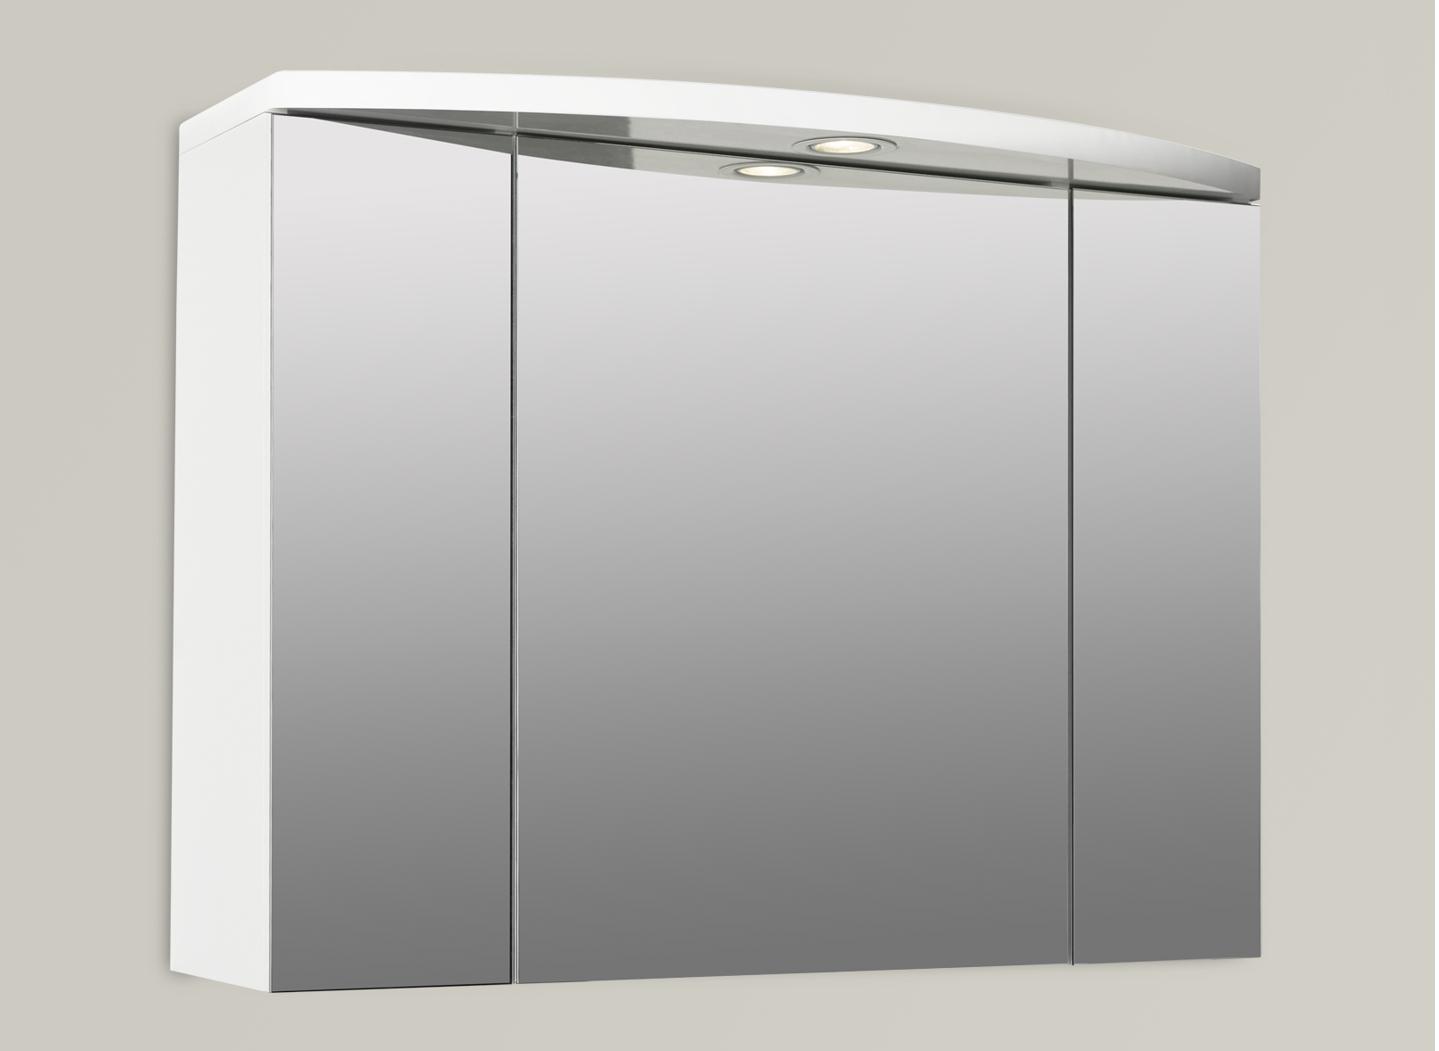 Tin 800x320x600 mm